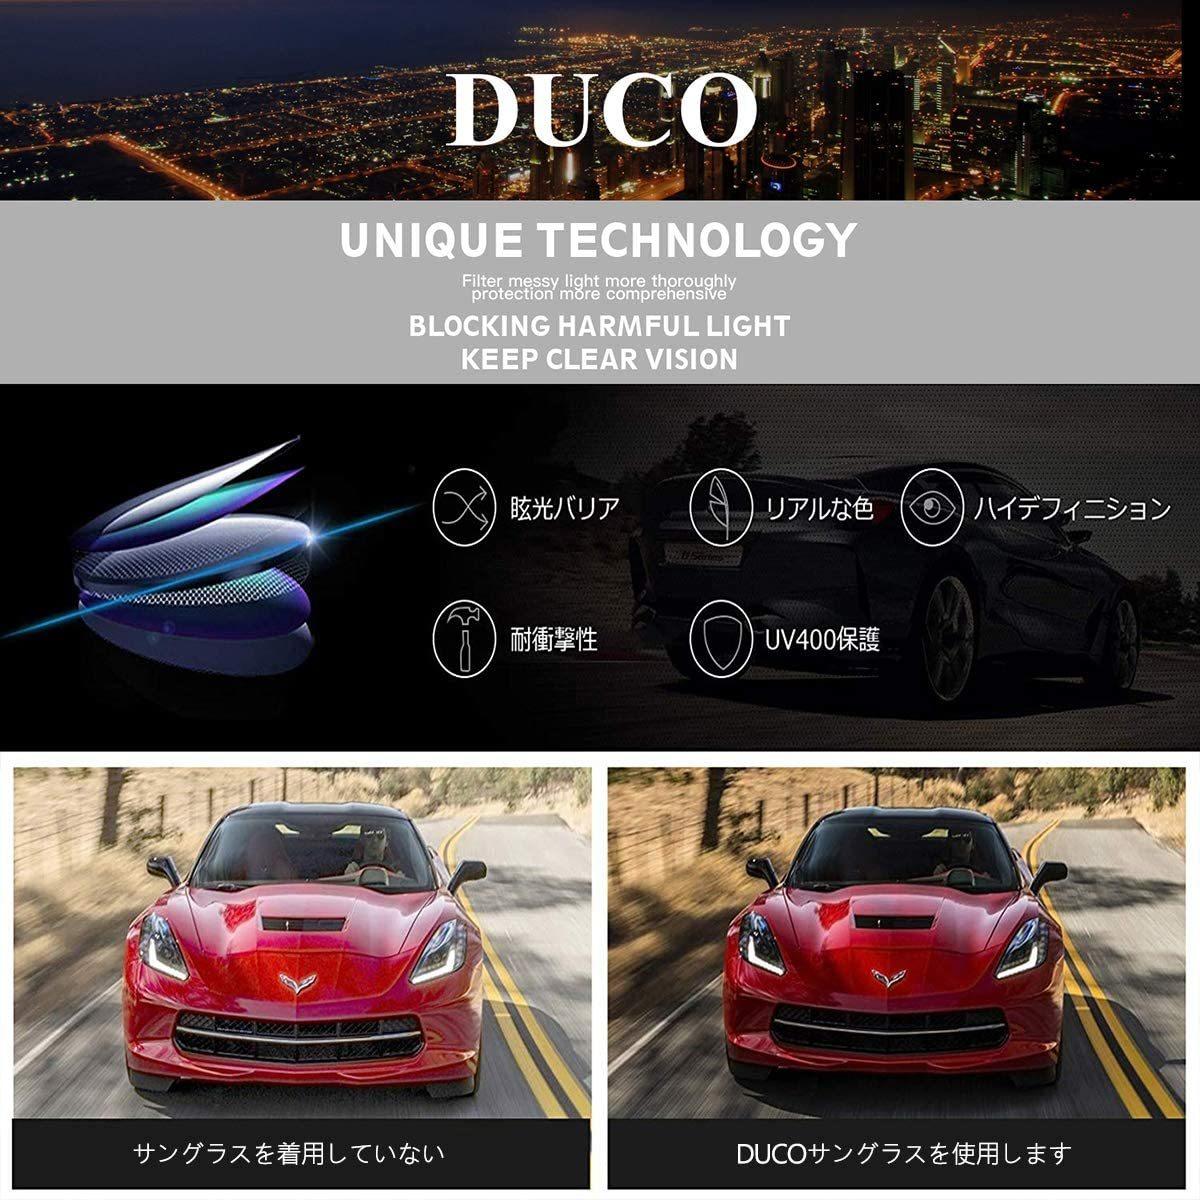 【送料無料】DUCO 偏光サングラス メンズ UV400保護 AL-MG合金 超軽量 運転用 自転車 釣り ランニング スポーツ 8550 ブラウン 茶